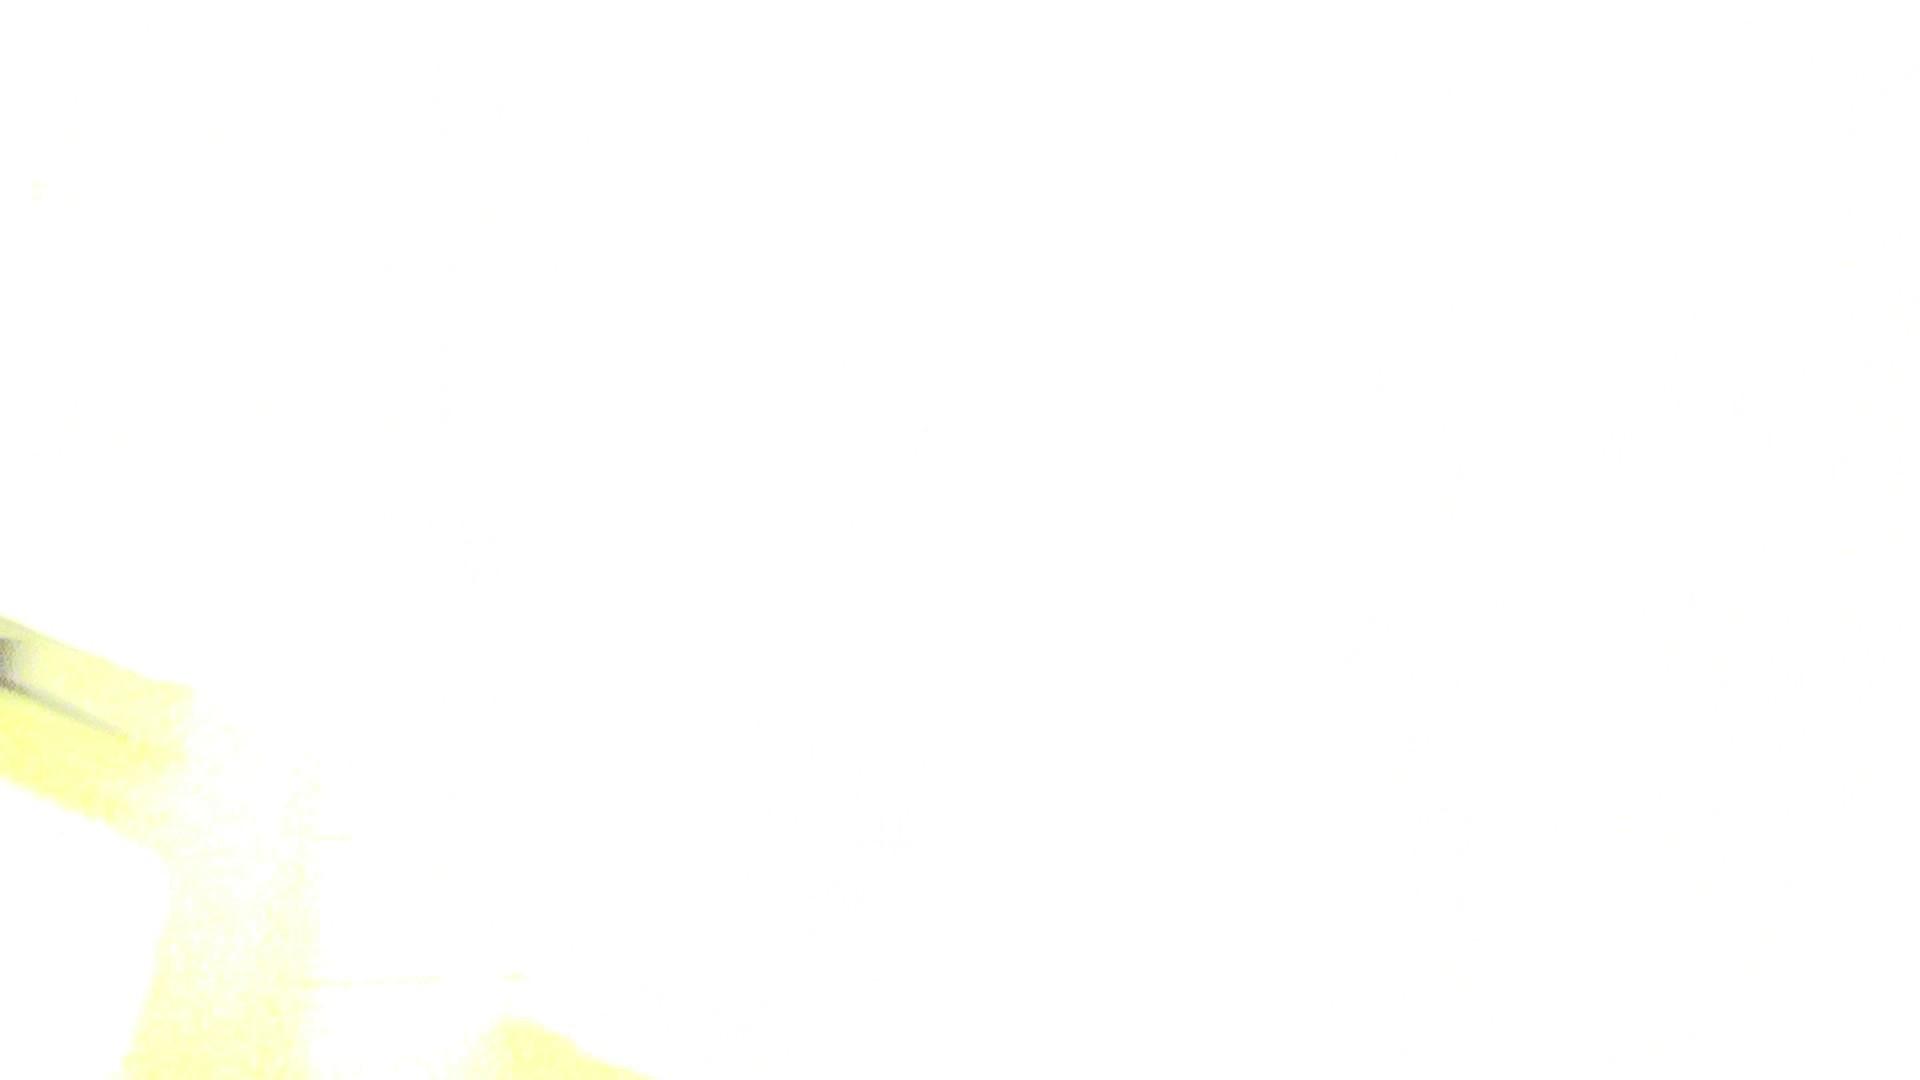 100個限定販売 至高下半身盗撮 プレミアム Vol.6 ハイビジョン 洗面所 | ギャル攻め  105画像 65